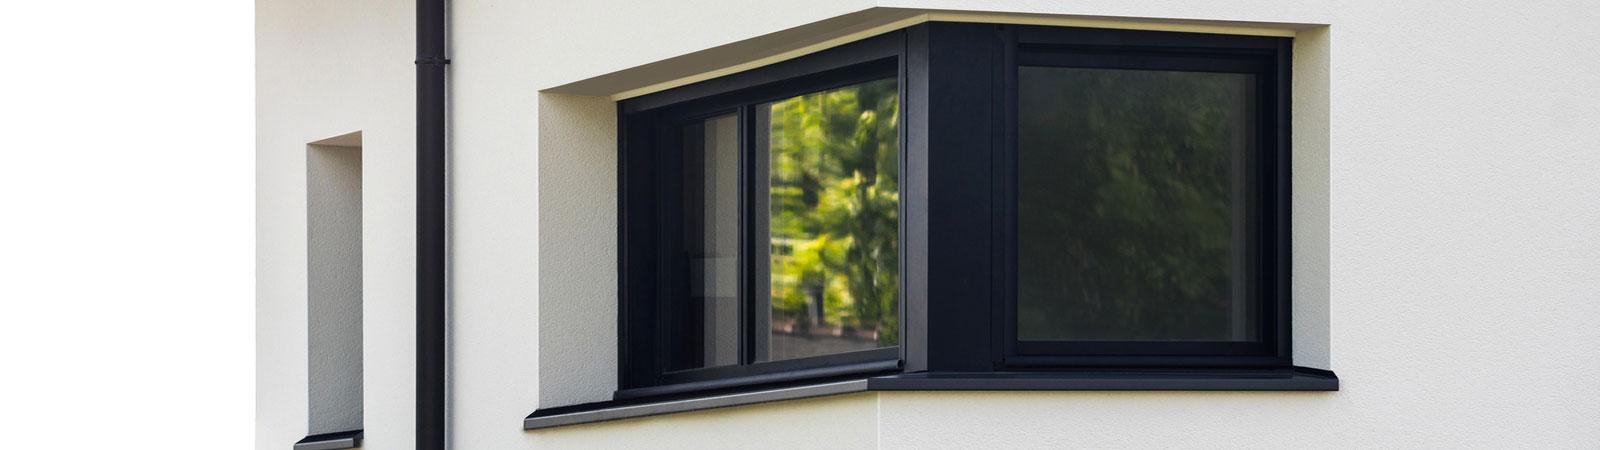 fensterrahmen material tipps und kosten. Black Bedroom Furniture Sets. Home Design Ideas